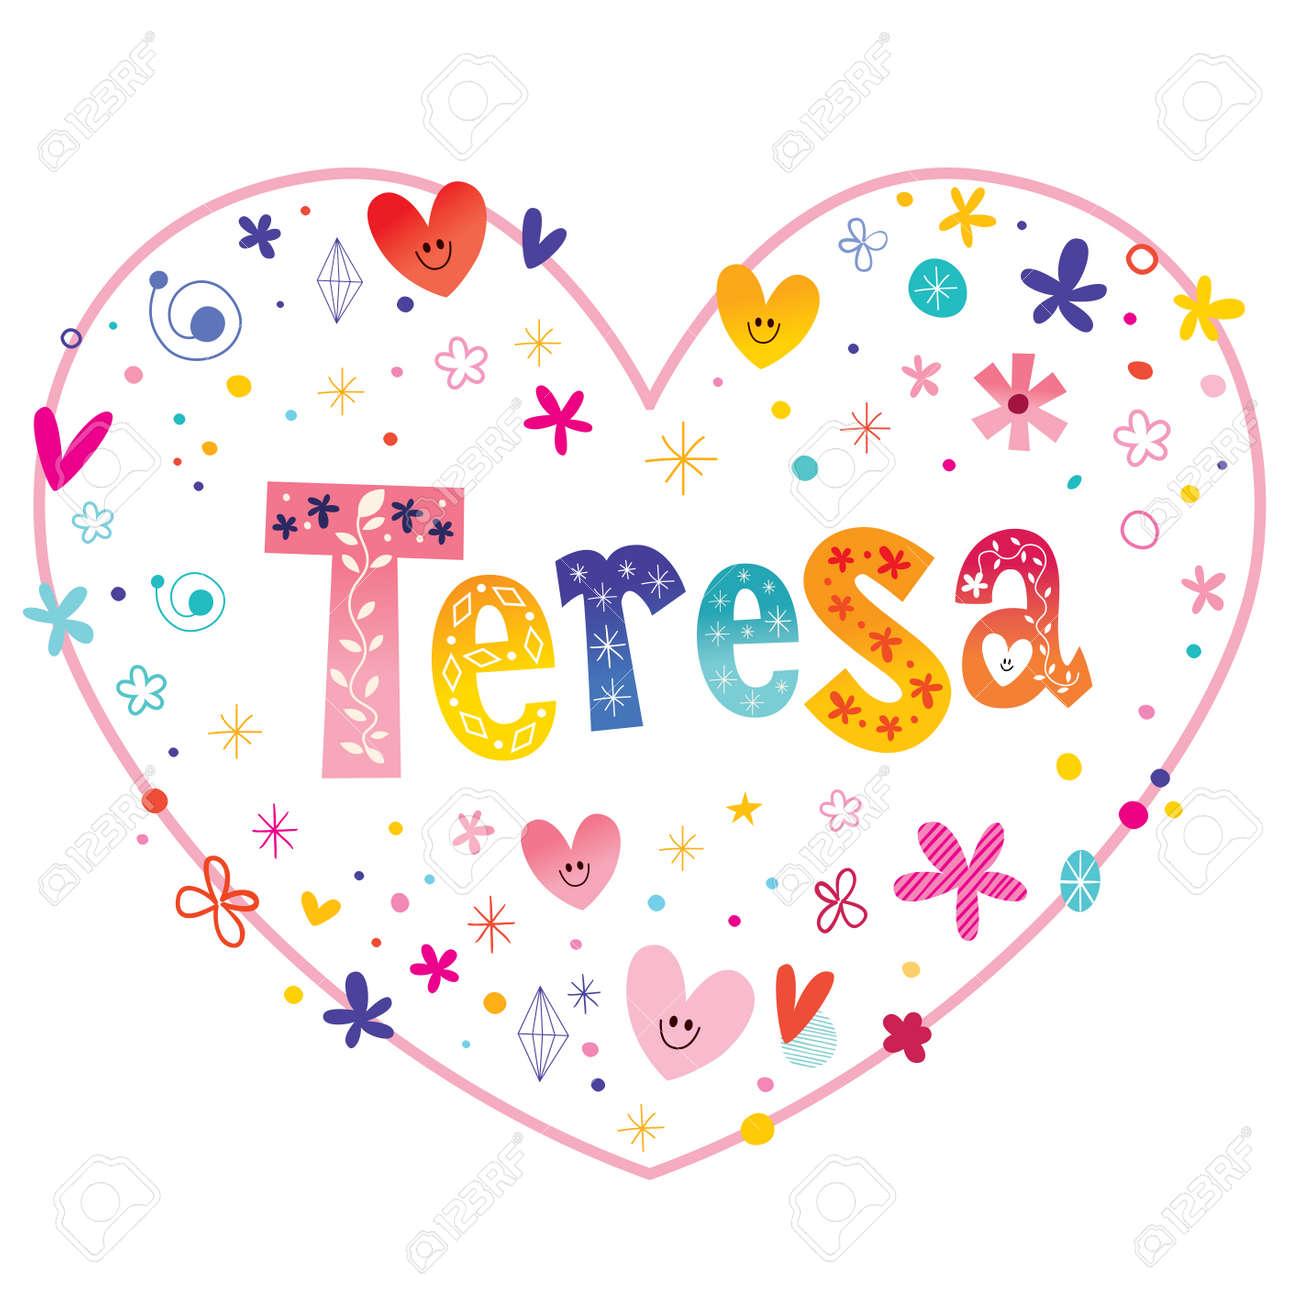 Teresa girls name decorative lettering heart shaped love design